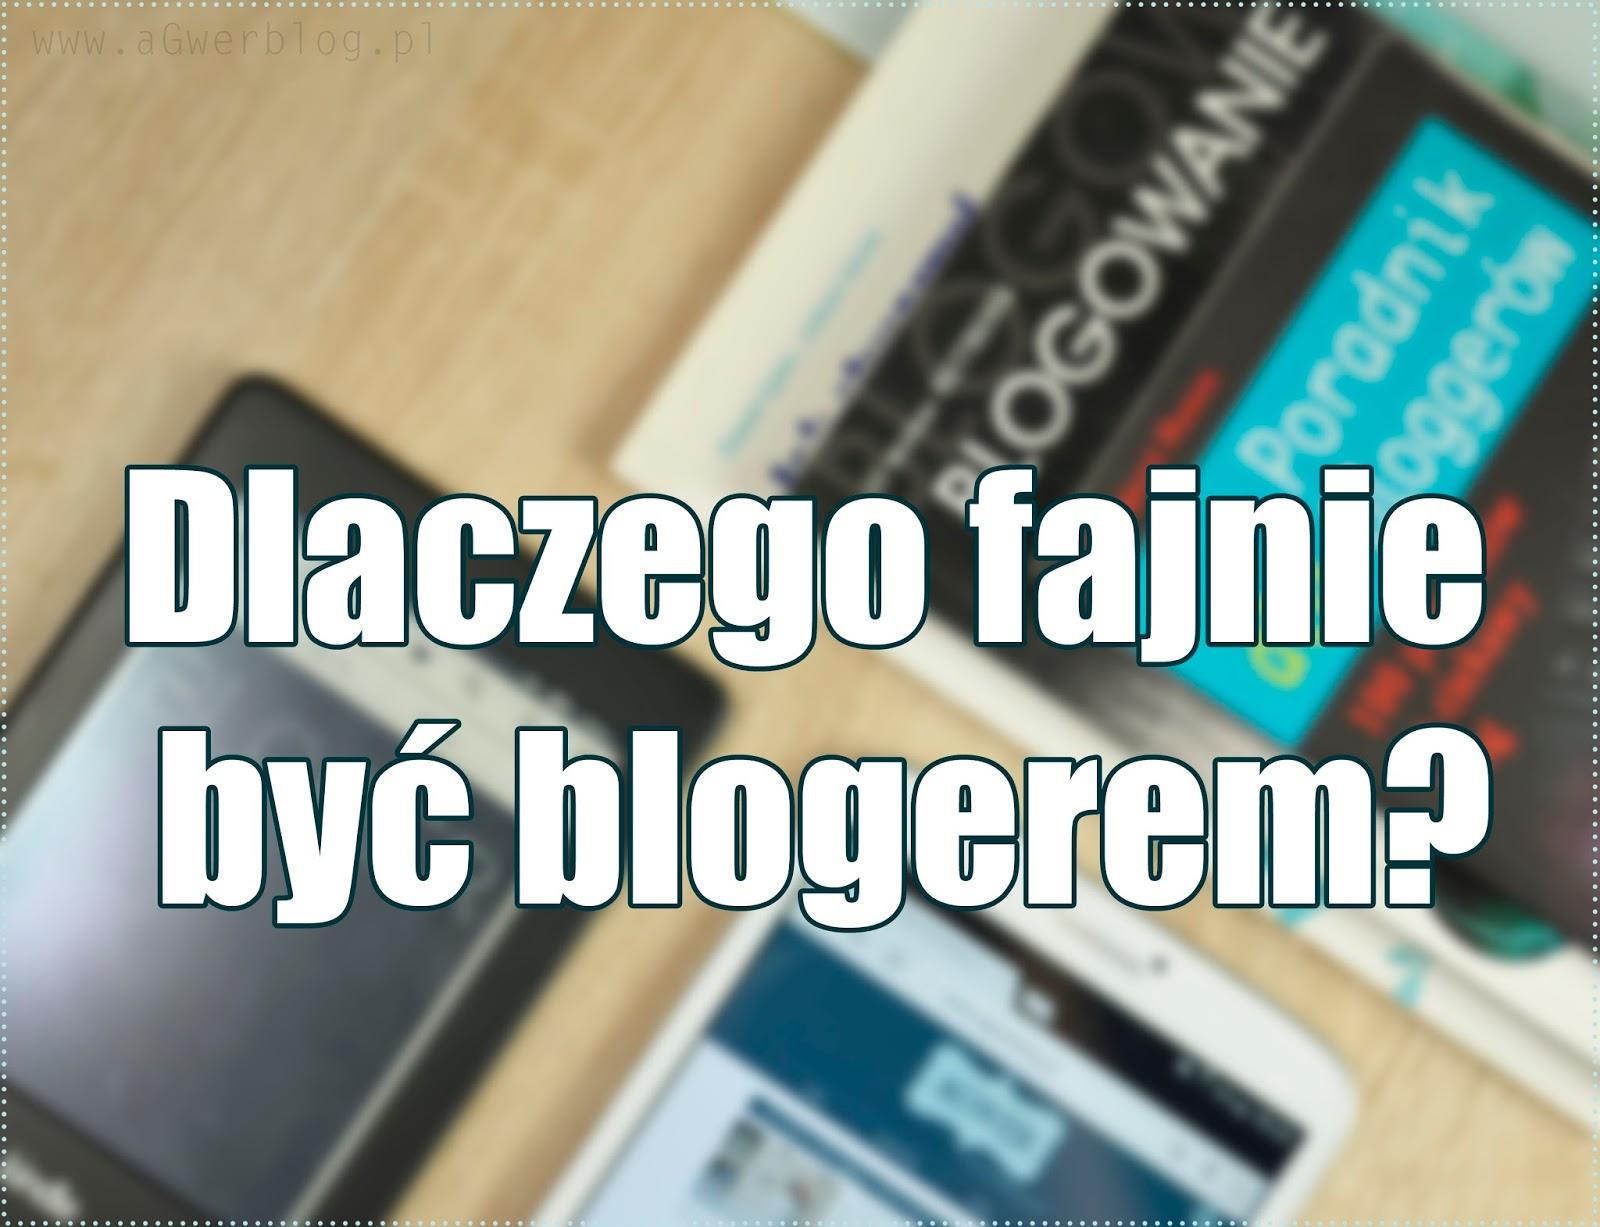 Dlaczego fajnie być blogerem?